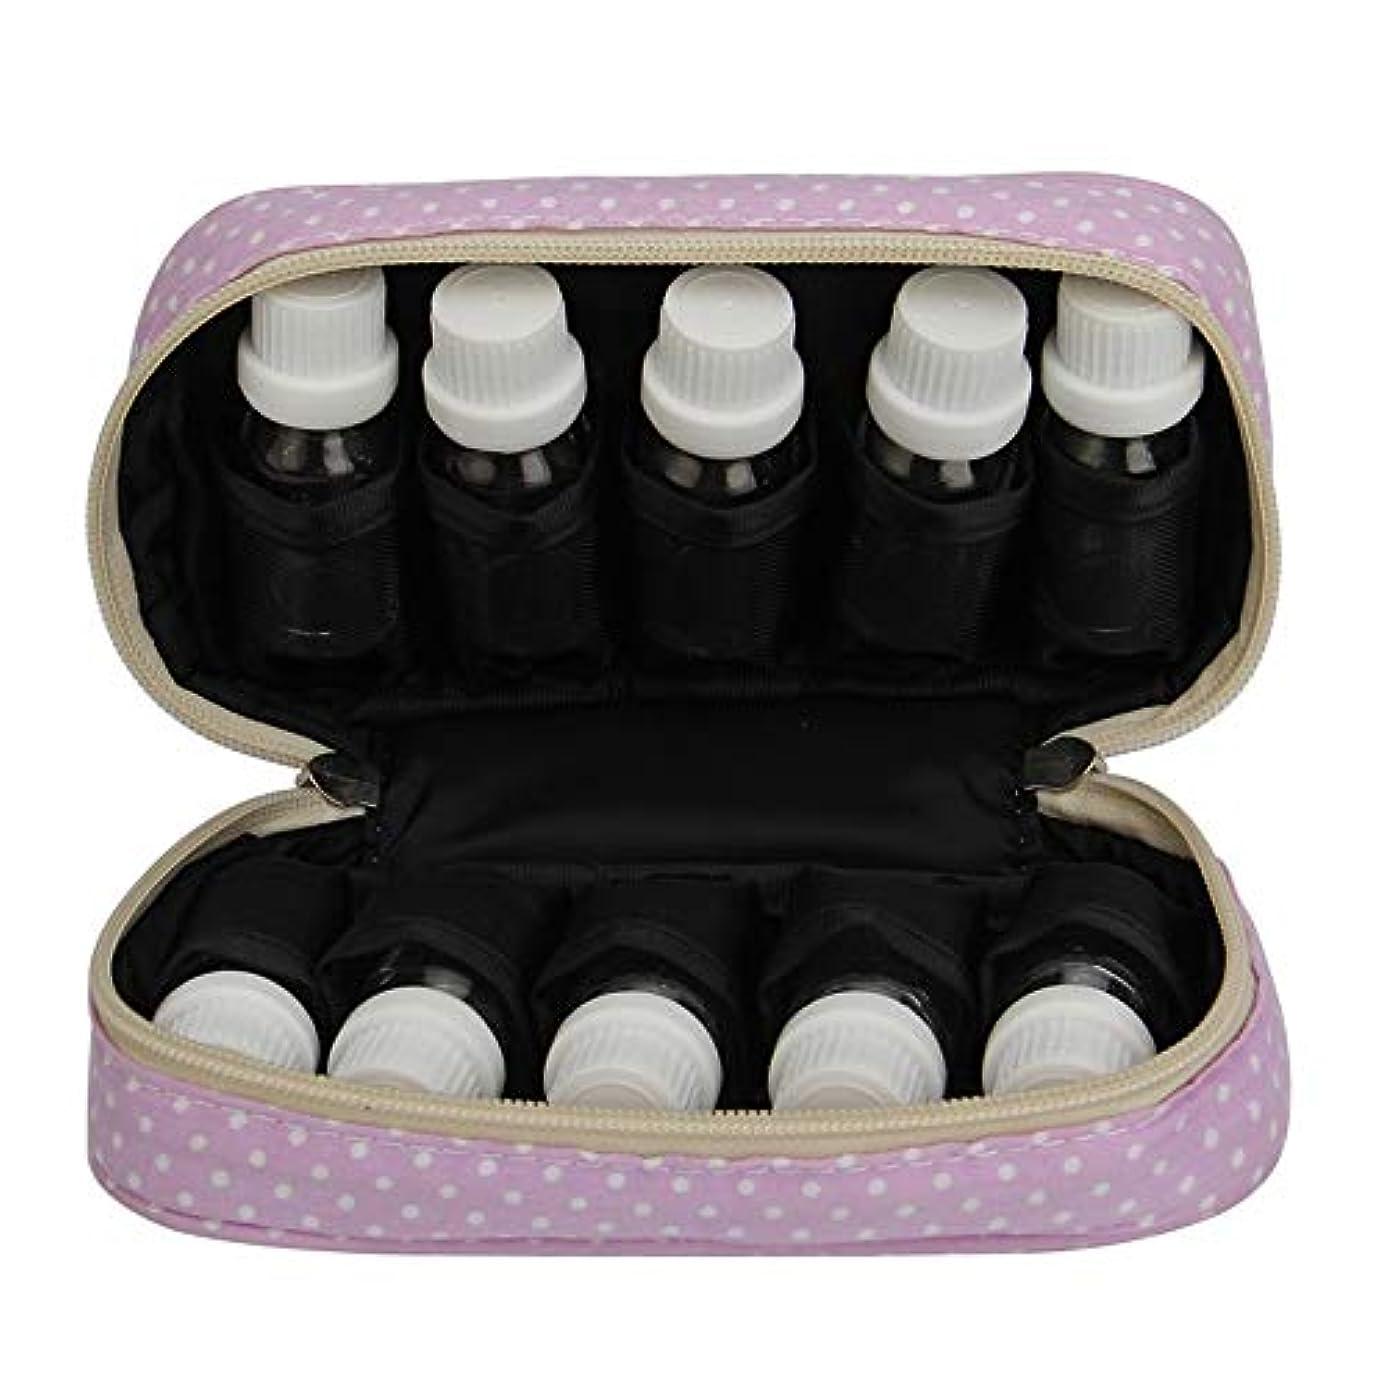 送信する高めるチャンバーエッセンシャルオイルストレージボックス エッセンシャルオイルキャリングケースは、10本のボトル10-15MLトラベルオーガナイザーポーチバッグパープルを開催します 旅行およびプレゼンテーション用 (色 : 紫の, サイズ...